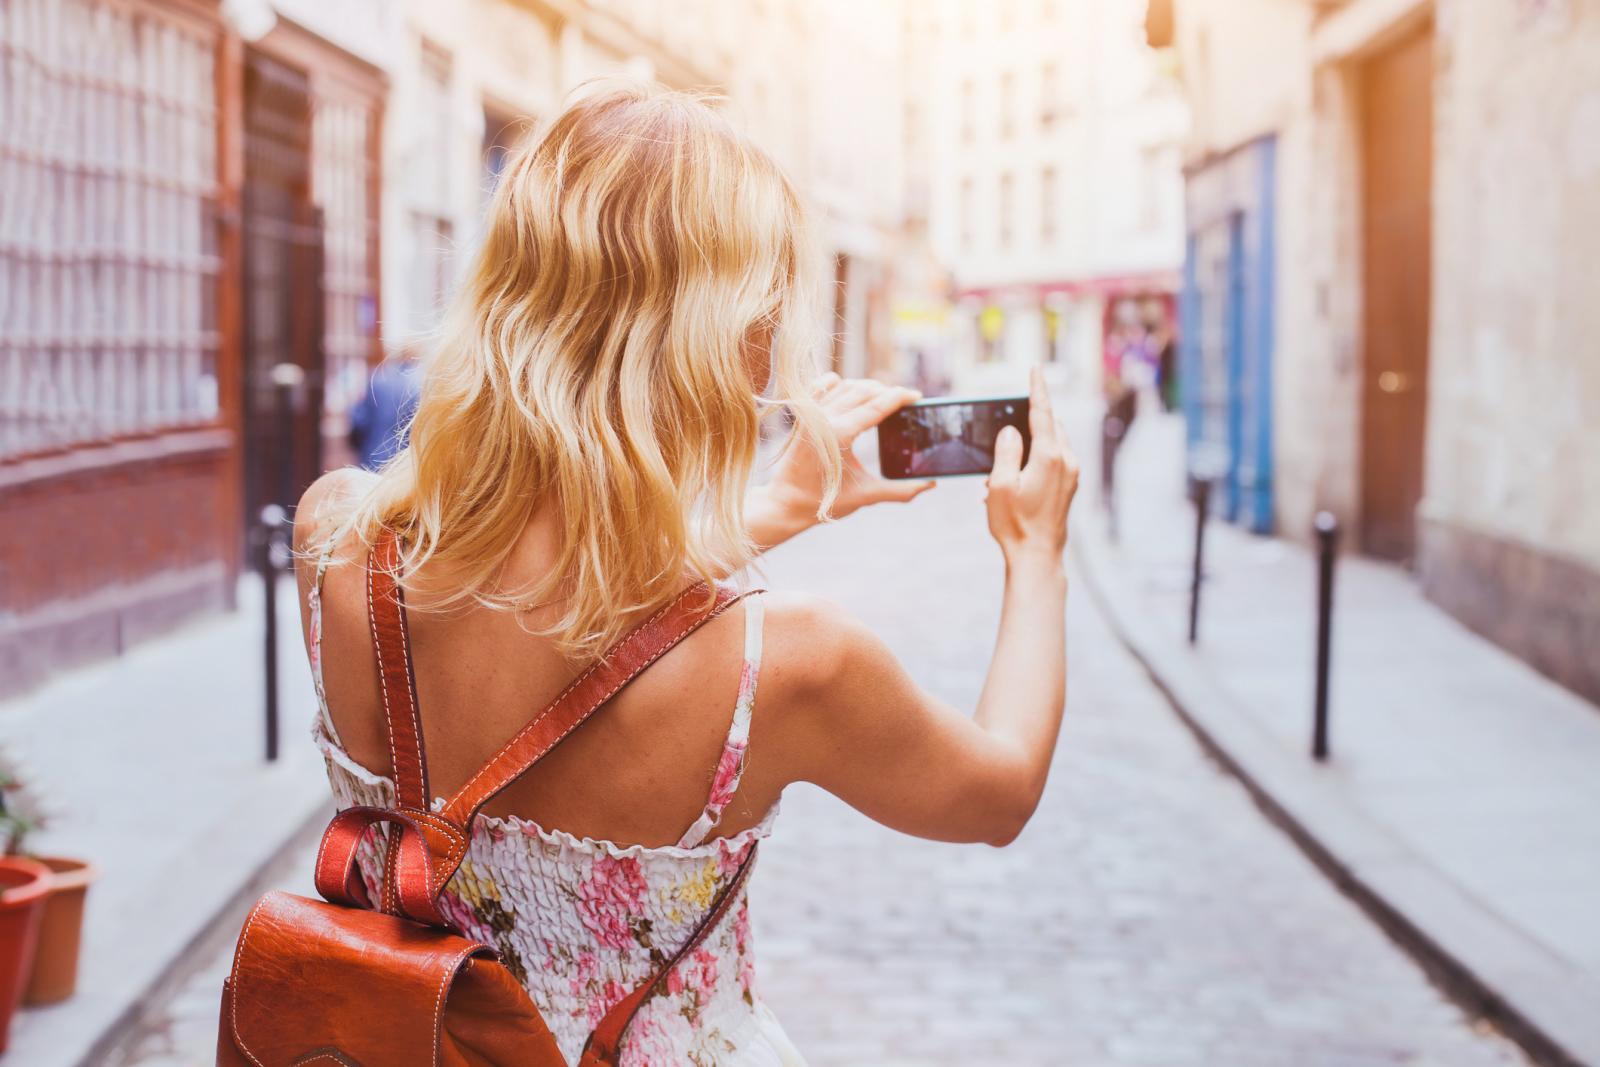 Jedna trećina putnika iz Hrvatske slaže se da prvi dan putovanja određuje raspoloženje za cijeli odmor.